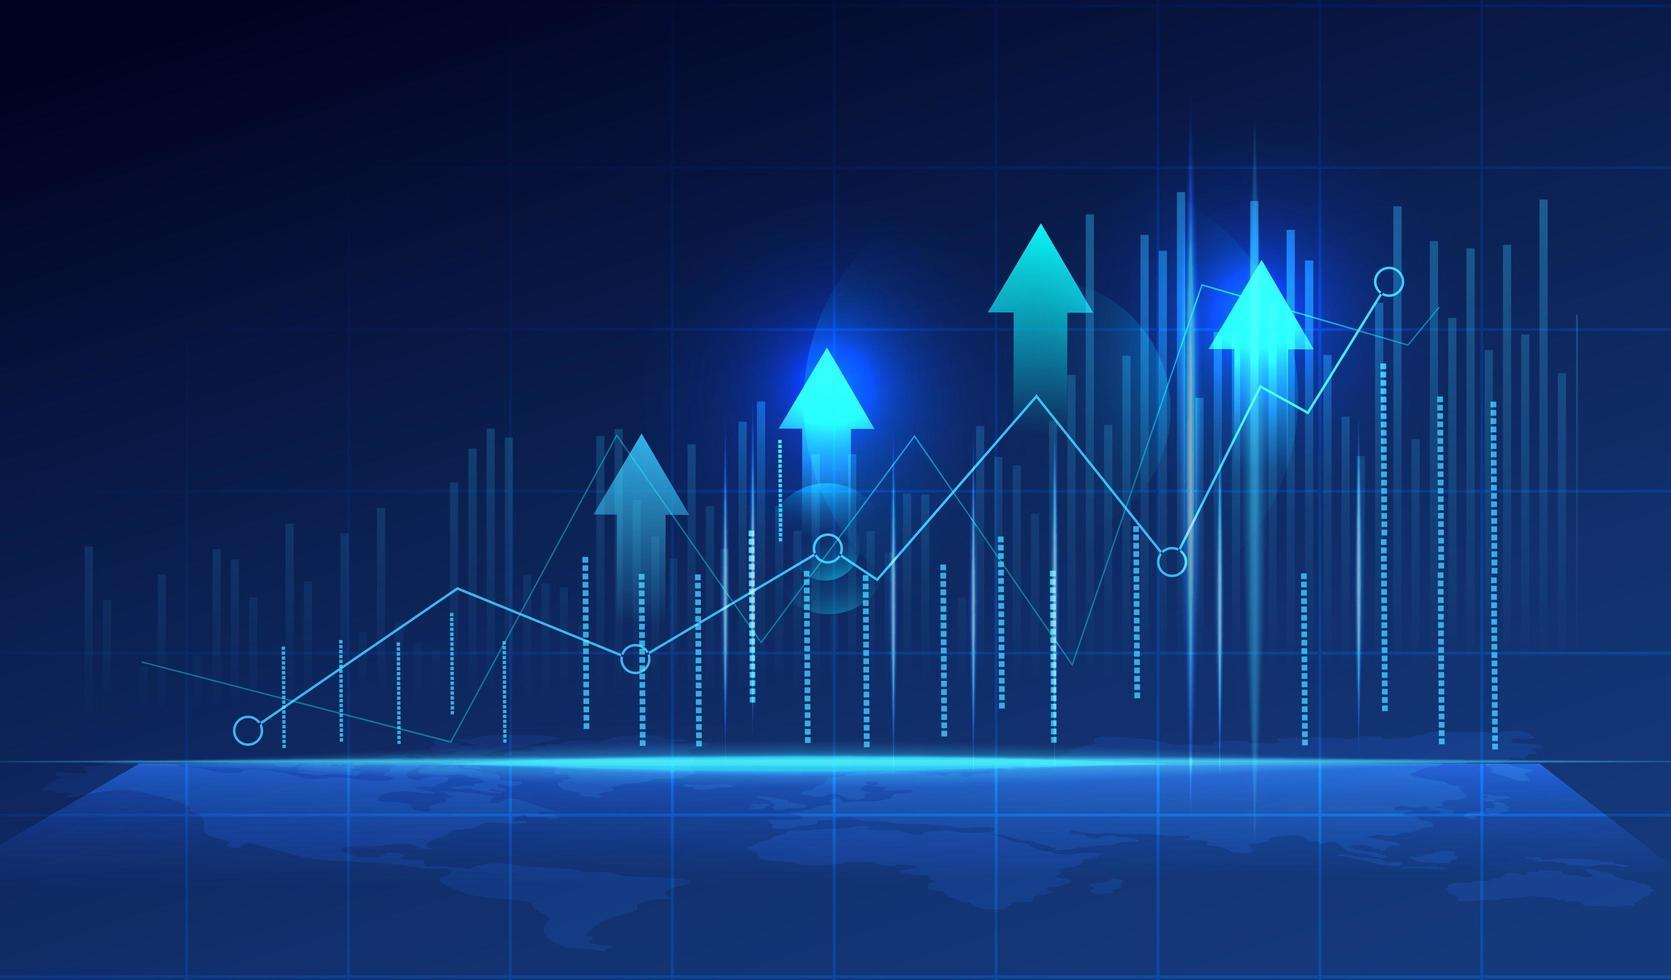 Graphique graphique d'entreprise vecteur